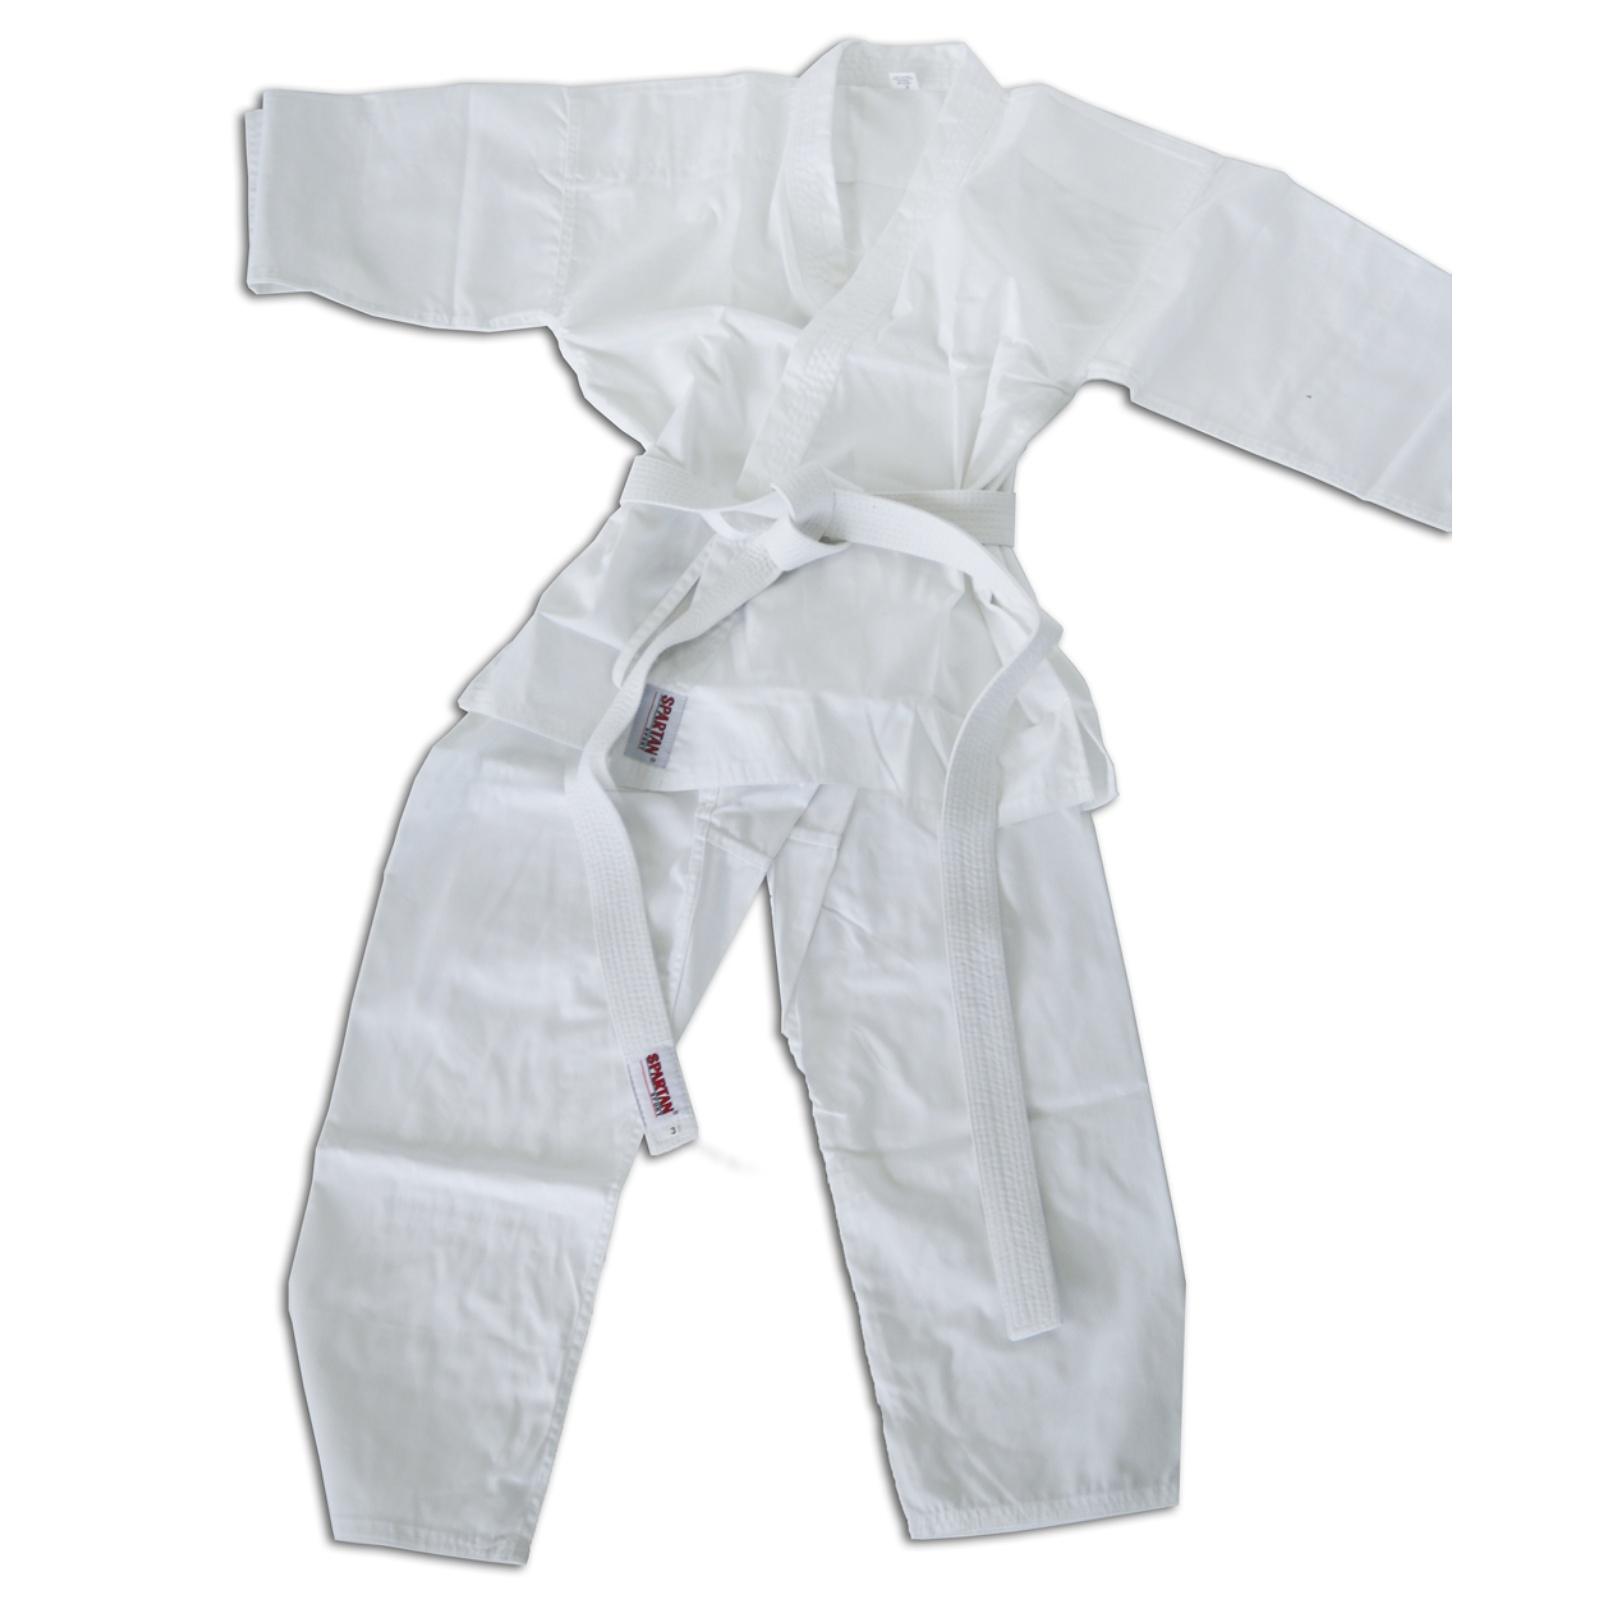 SPARTAN Karate